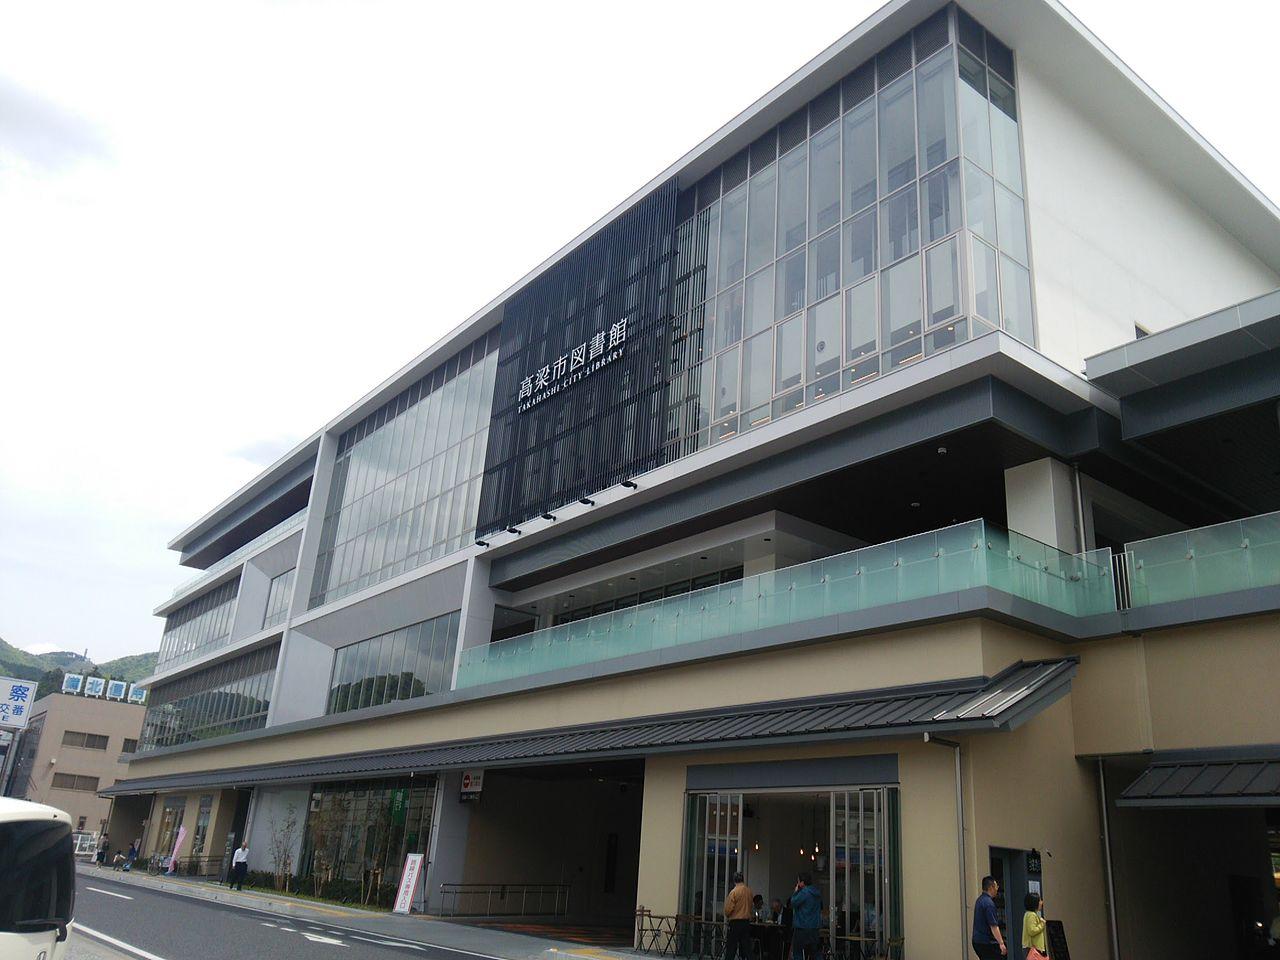 TAKAHASI_CITY_LIBRARYяп.jpg